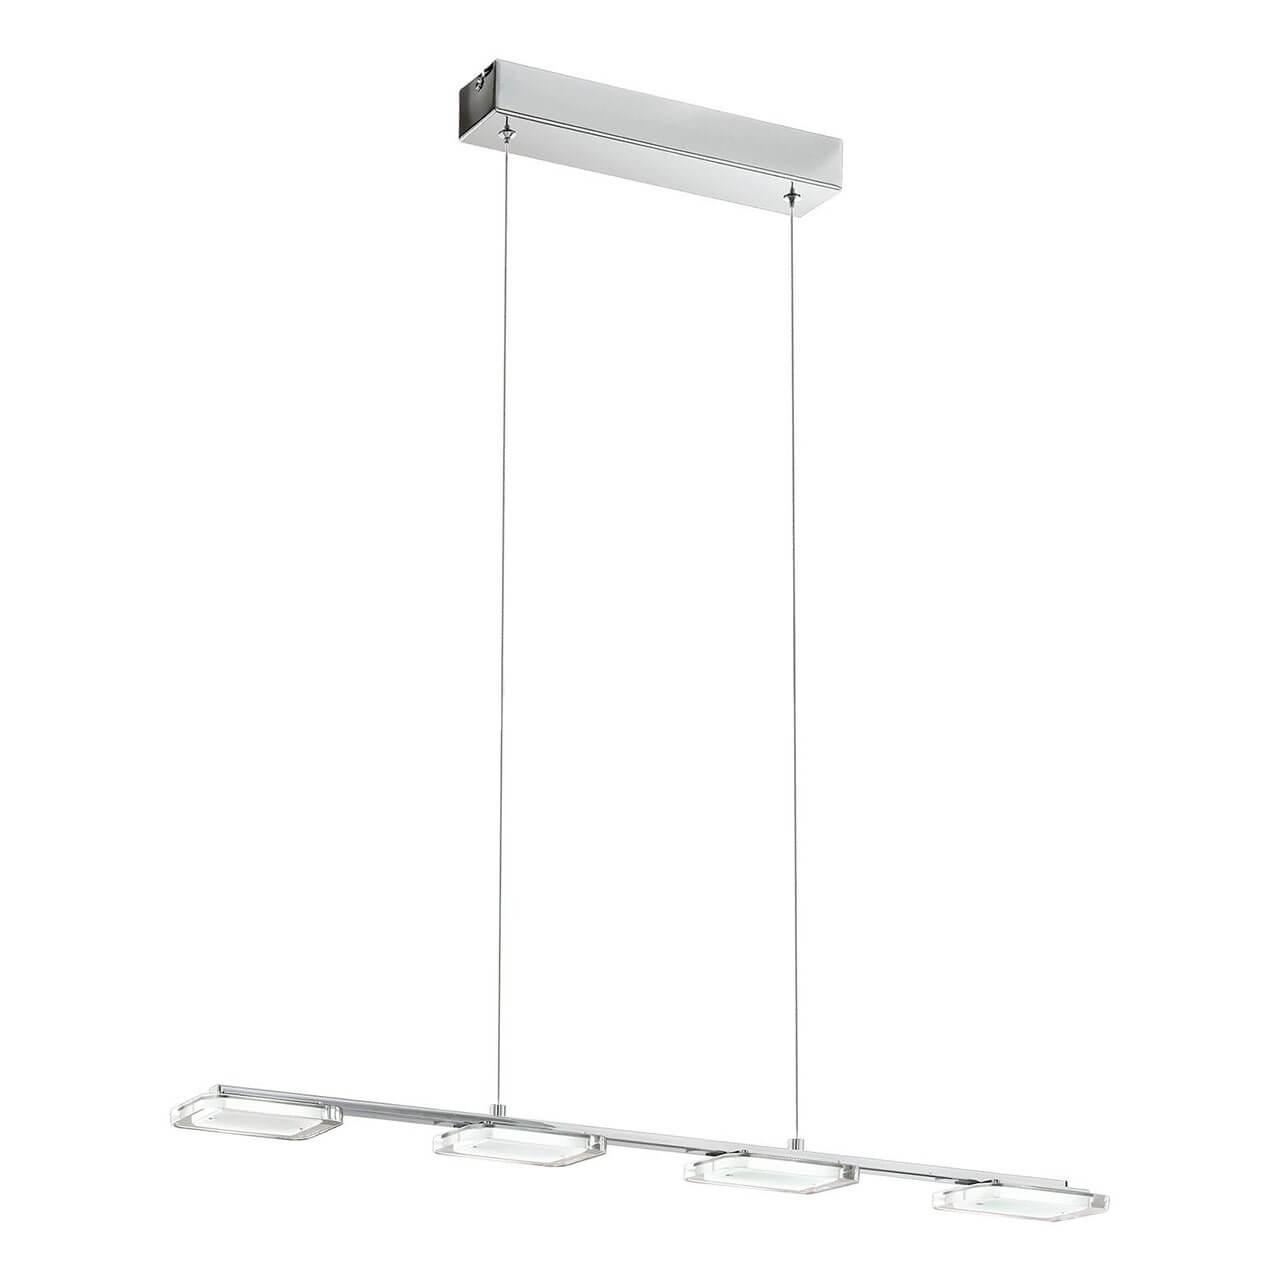 цена на Подвесной светодиодный светильник Eglo Cartama 1 96524